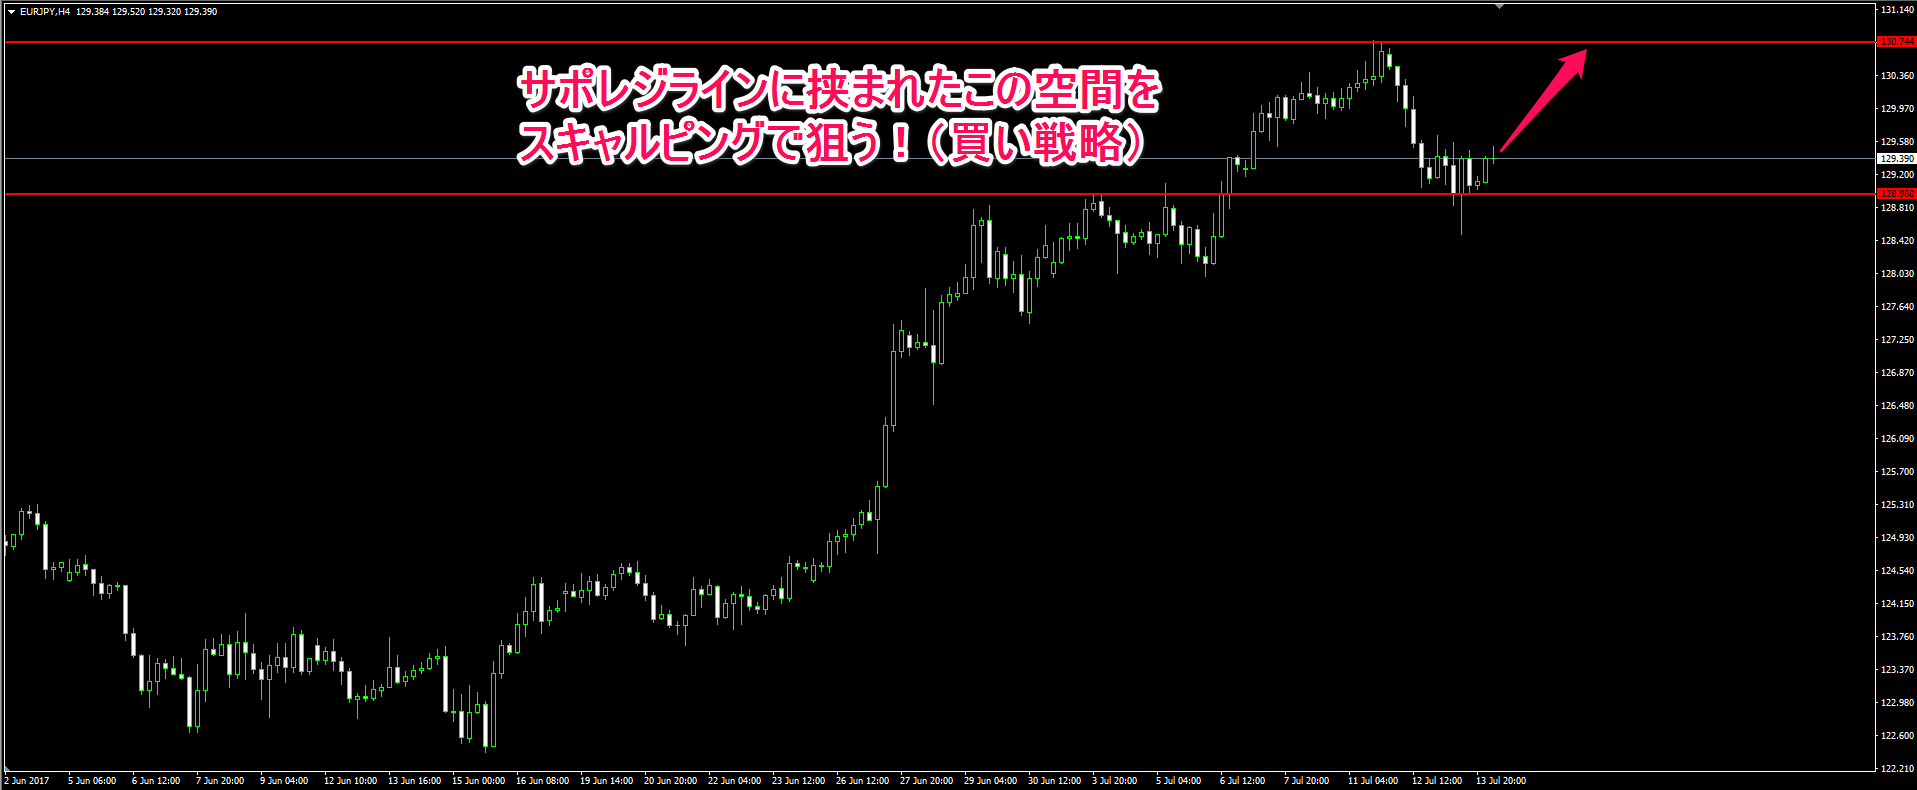 ユーロ円4時間足チャート